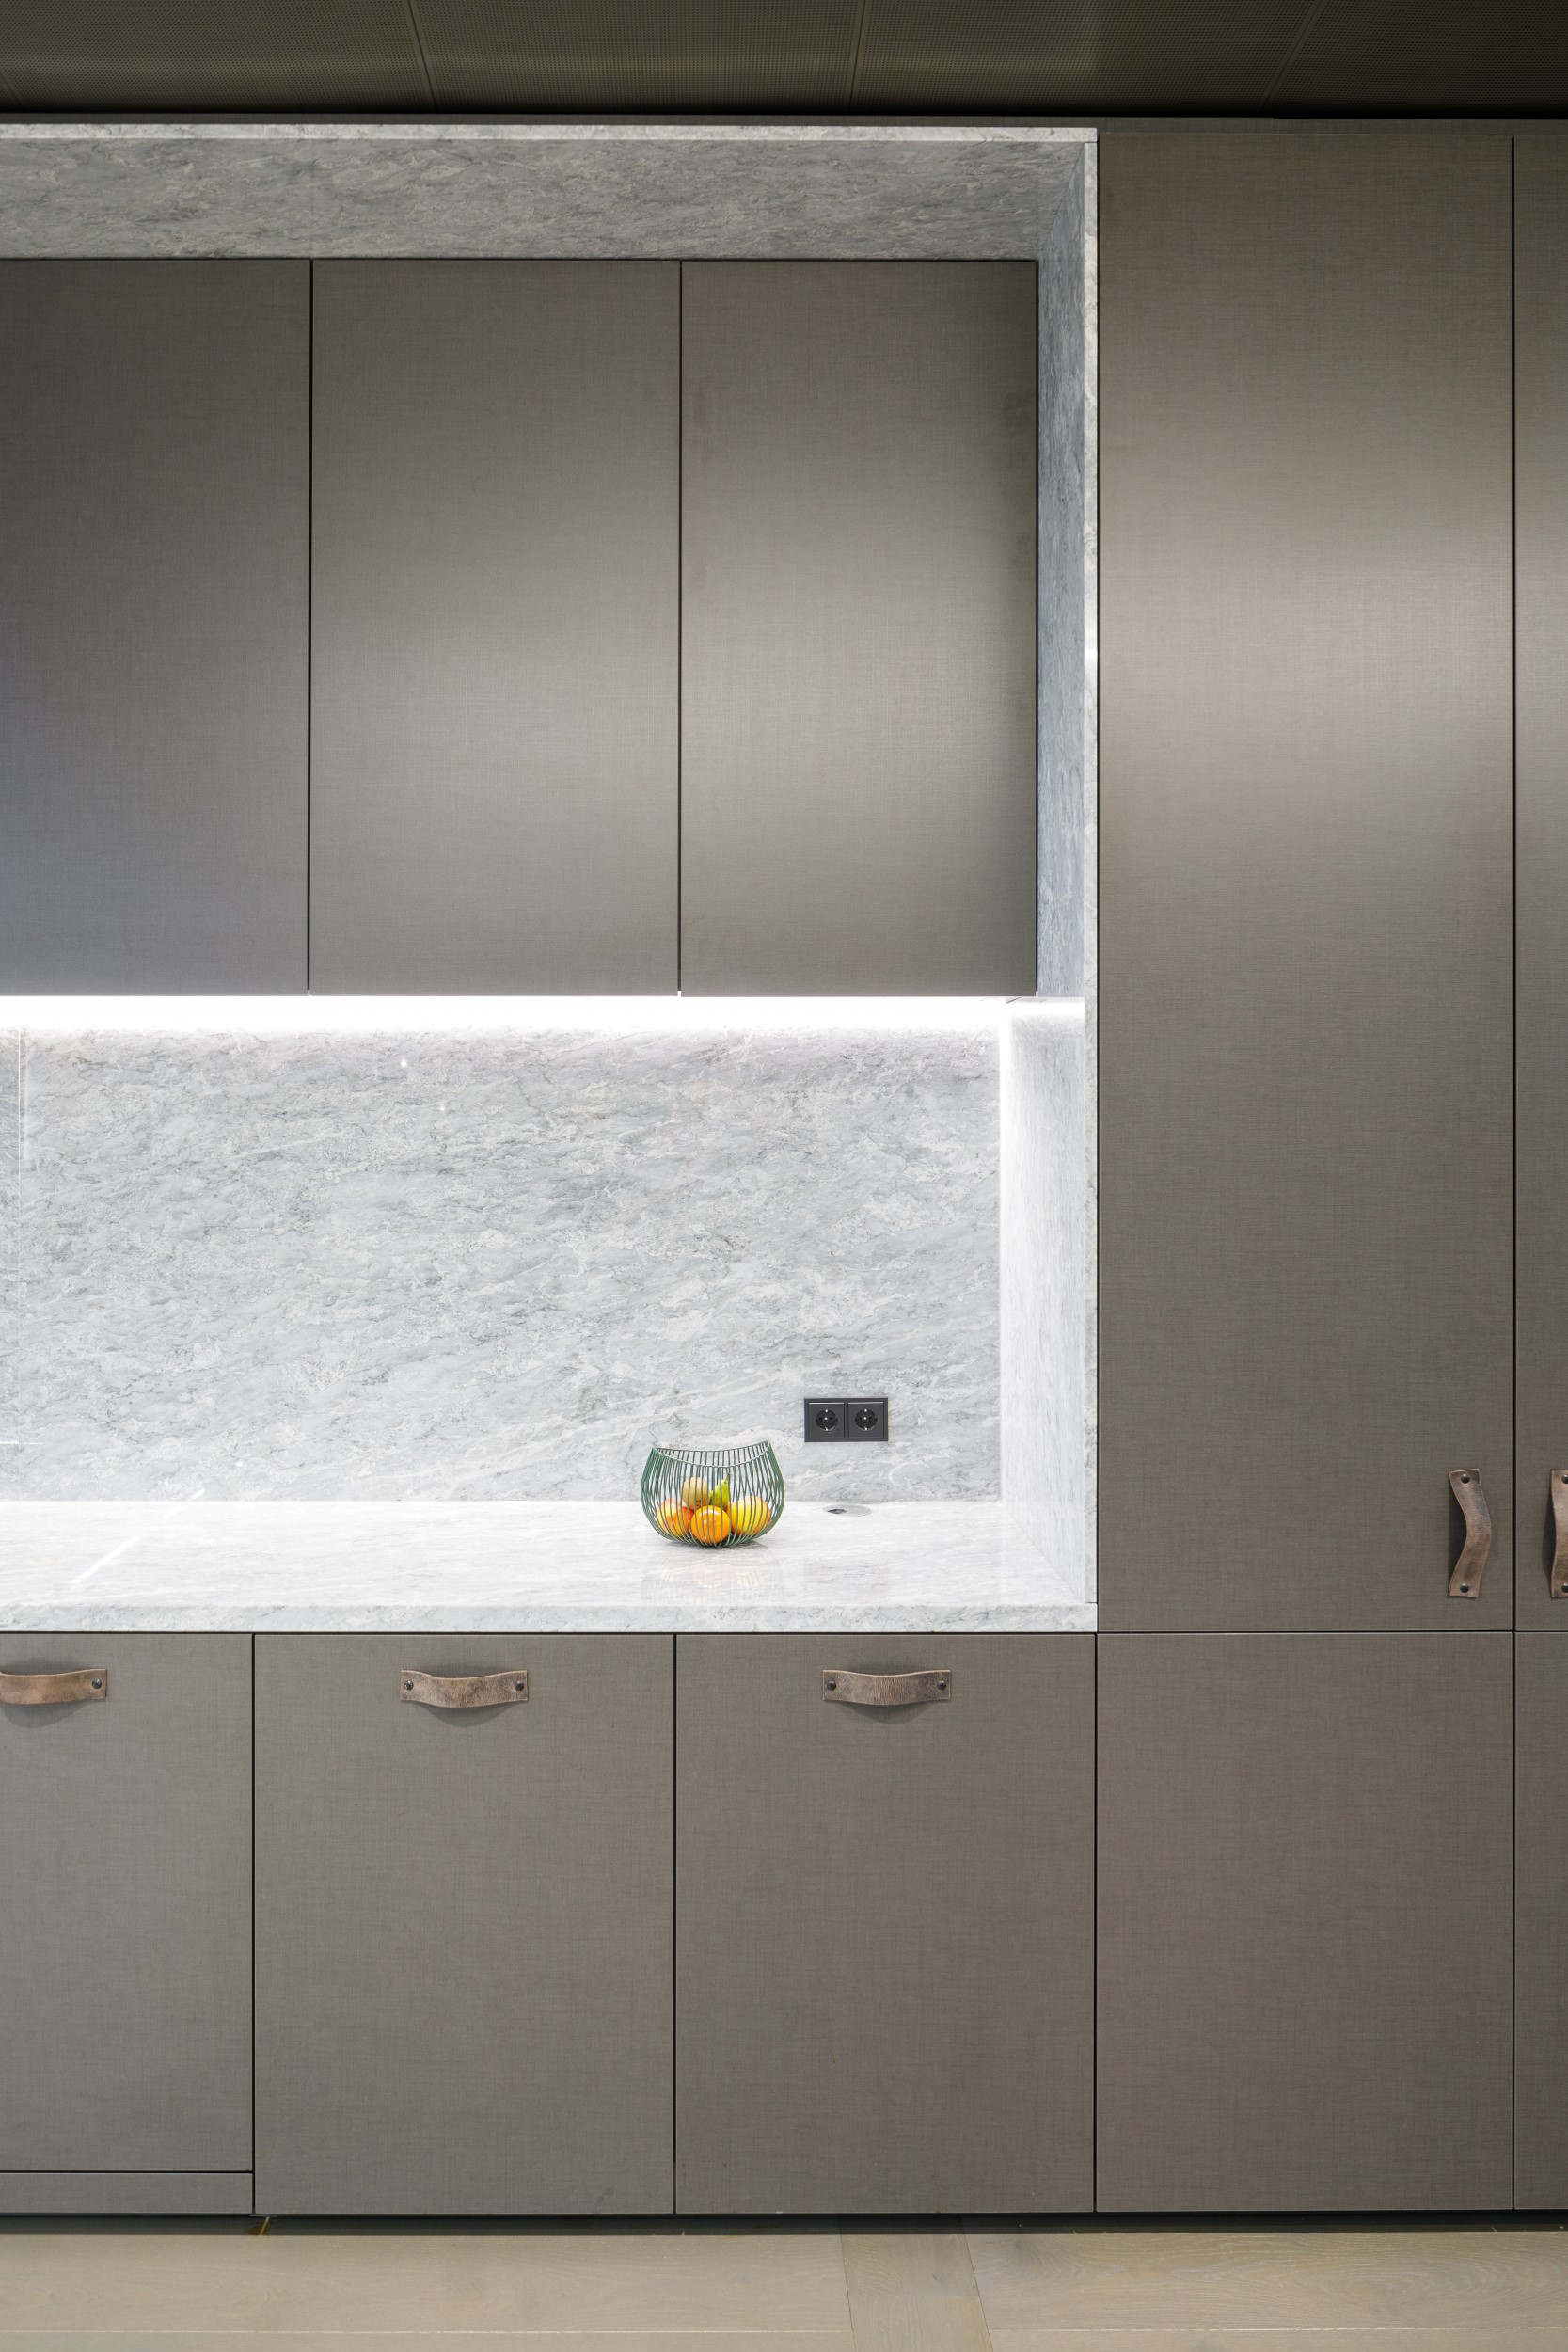 <p>Fotografie: Bram Vreugdenhil | Urban Zone | Kitchen Detail</p>